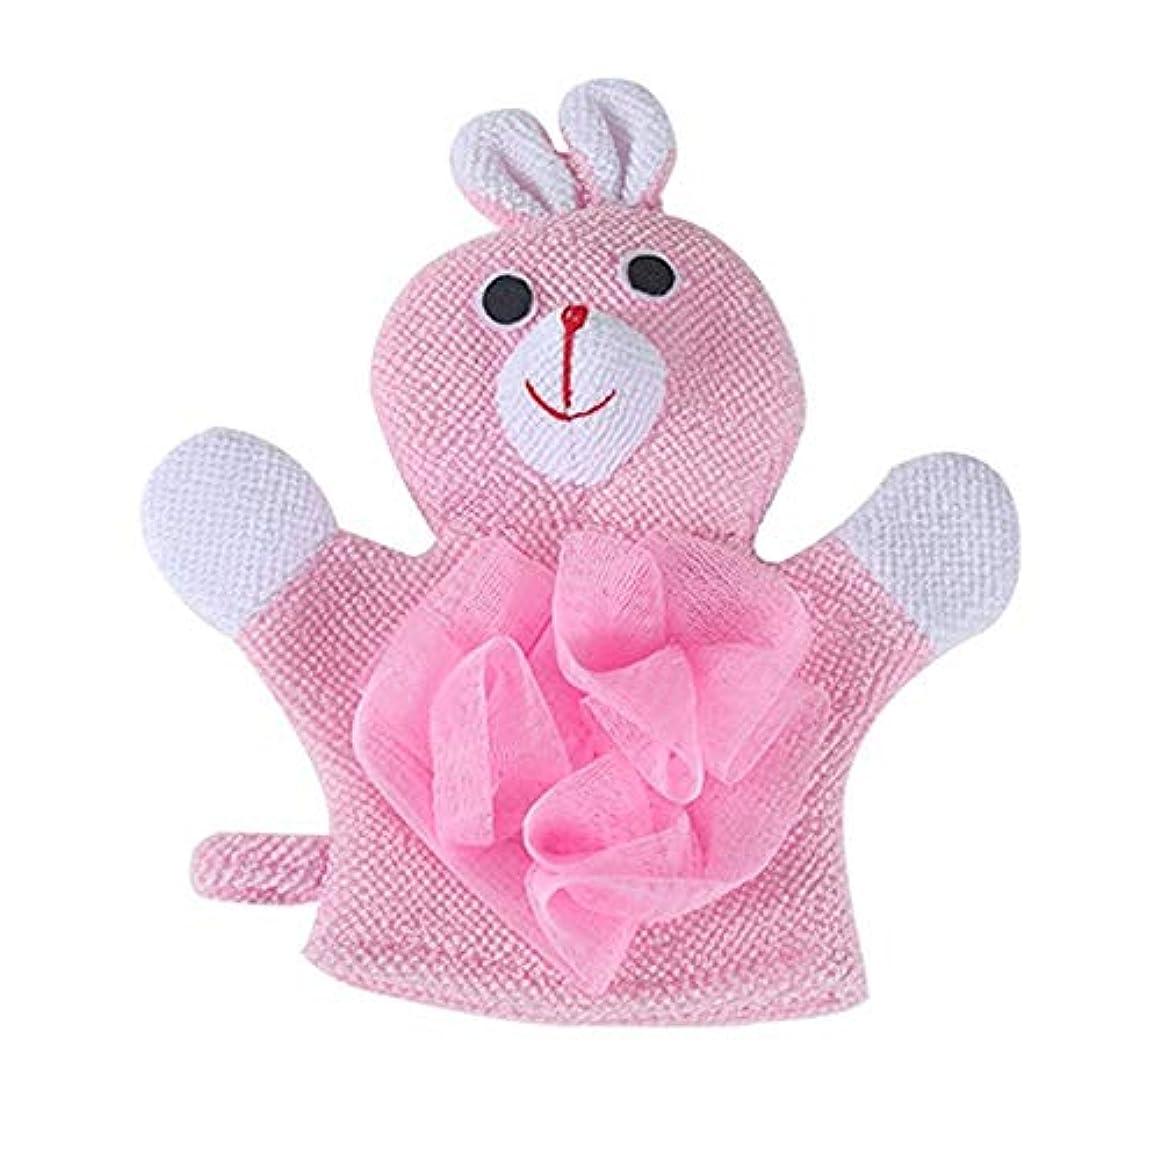 構成するミスペンドキノコBTXXYJP お風呂用手袋 あかすり シャワー手袋 ボディブラシ やわらか バス用品 ボディタオル 角質除去 (Color : Pink)